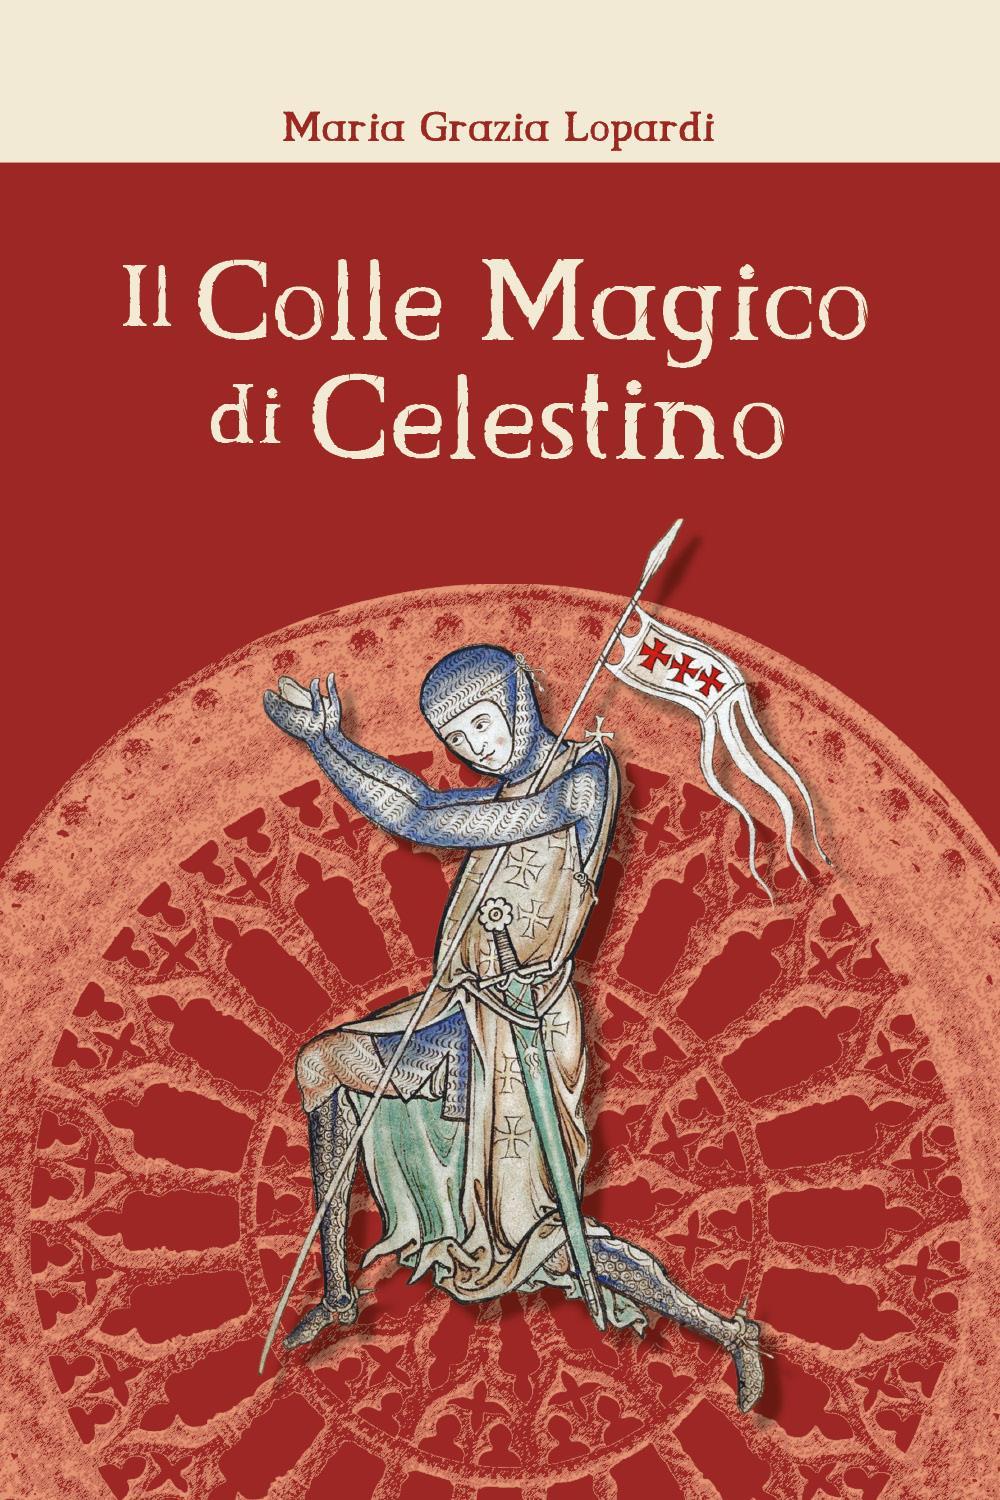 Il Colle Magico di Celestino